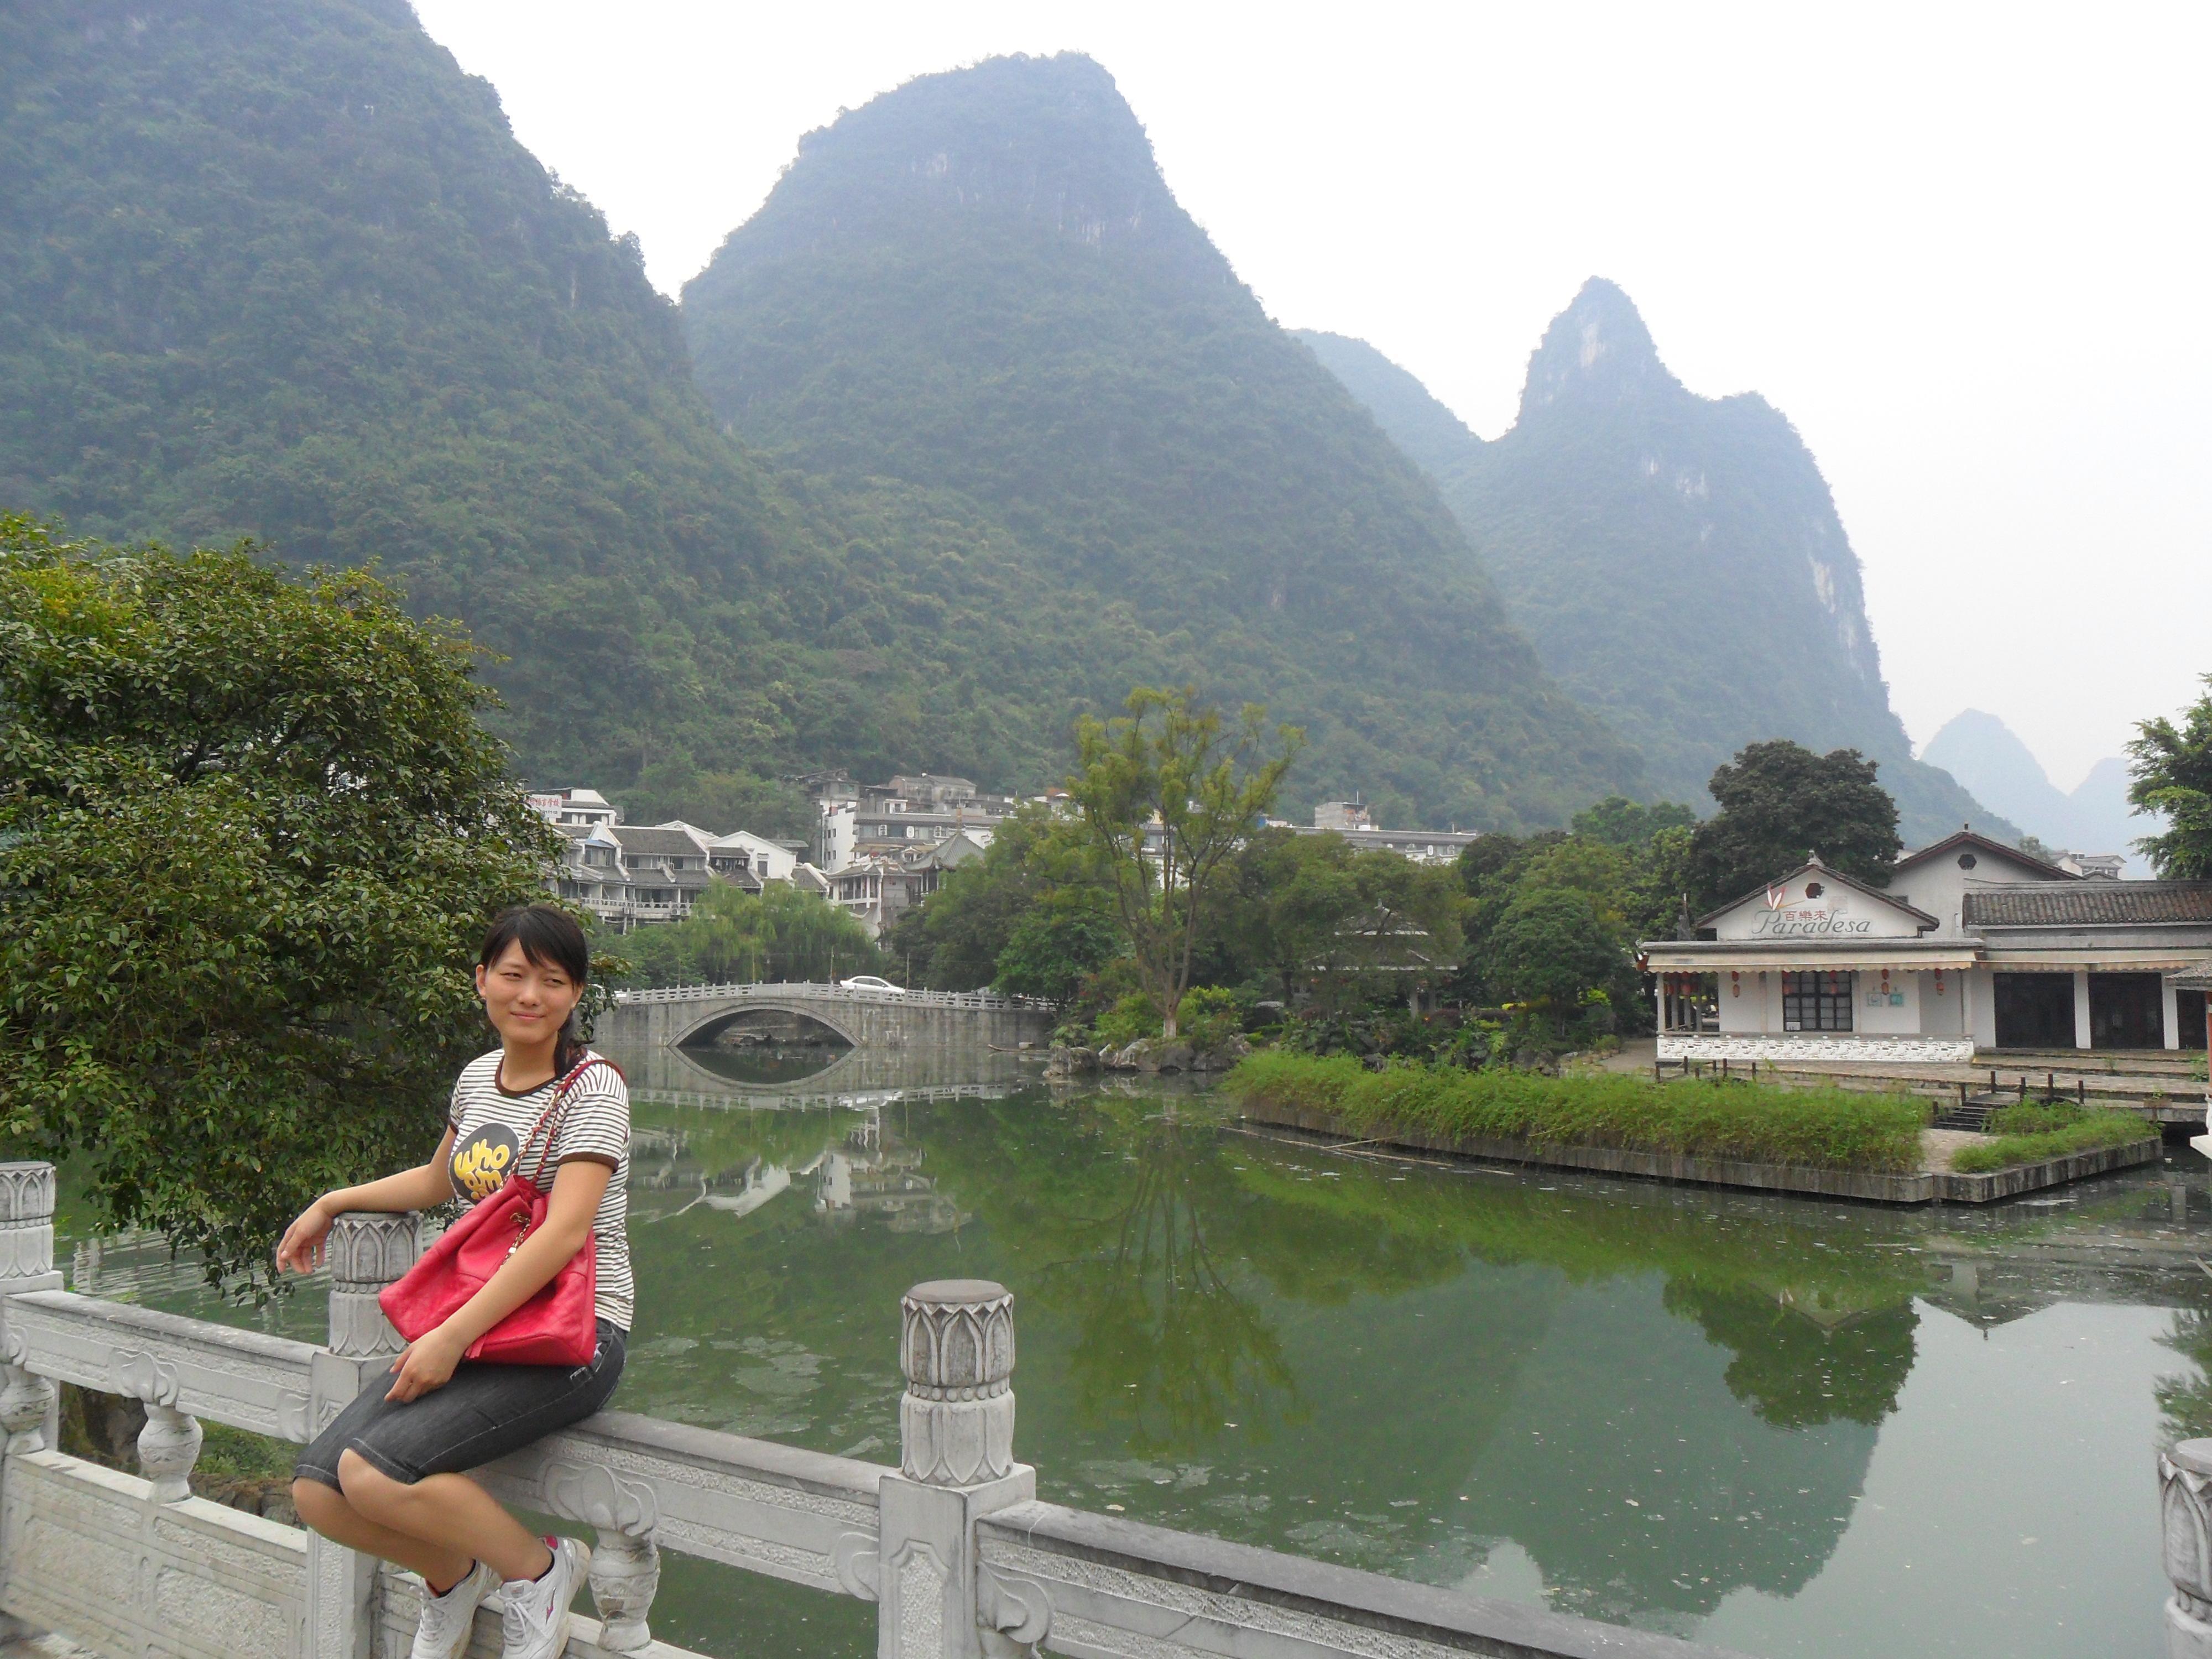 桂林市区,漓江冠岩到兴坪竹筏漂流&阳朔山水赏美休闲